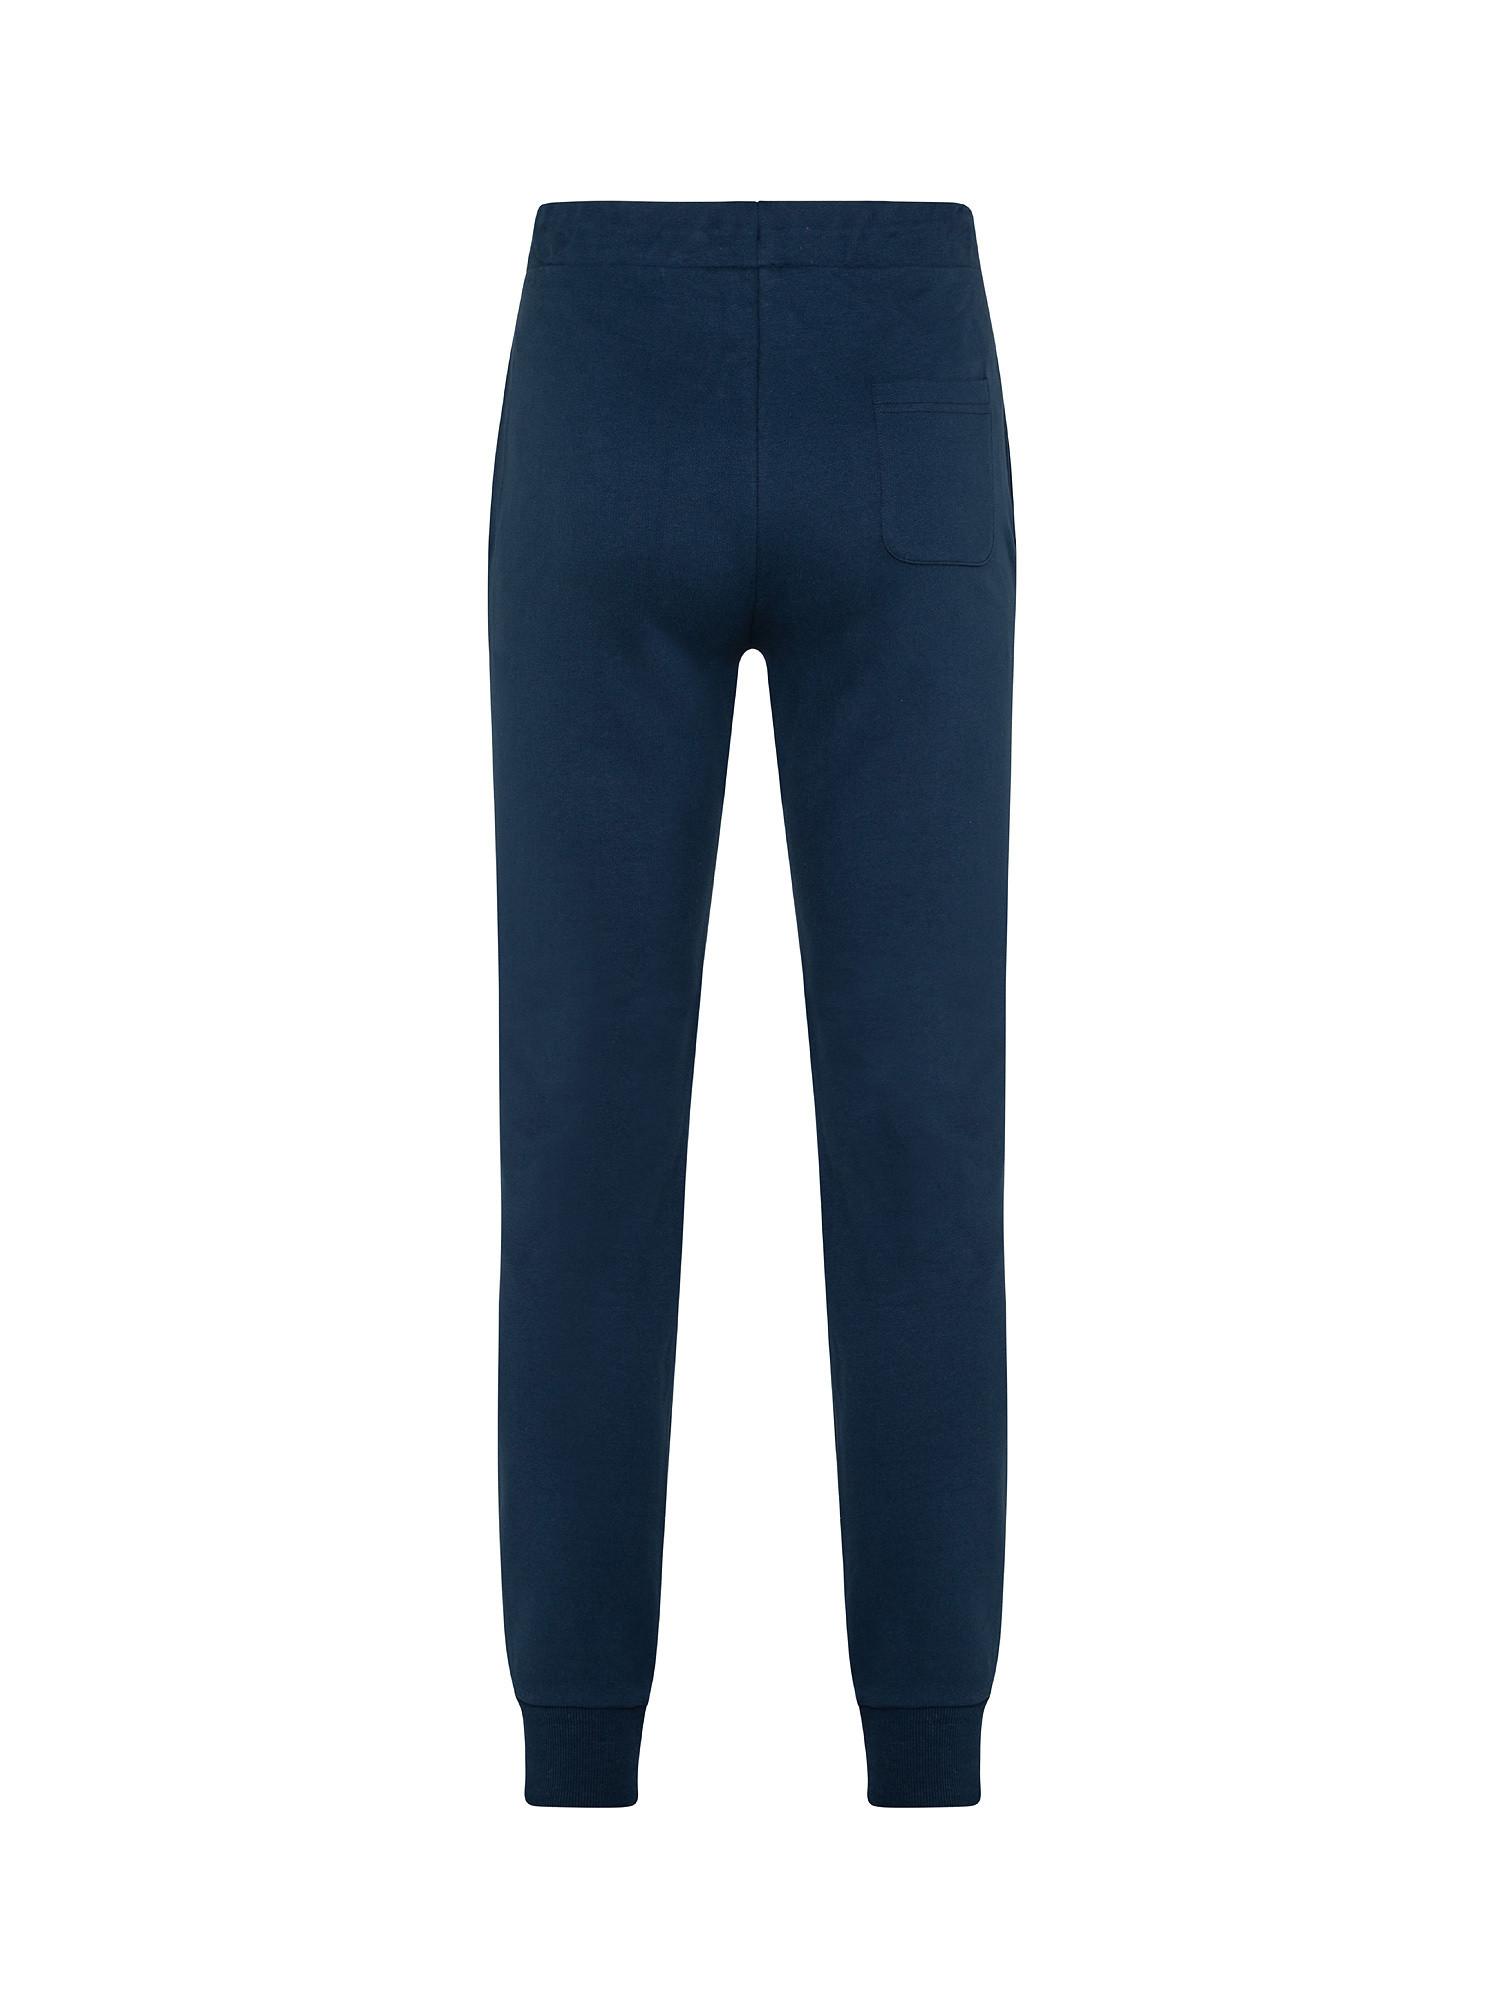 Pantalone da uomo regular fit, Blu, large image number 1